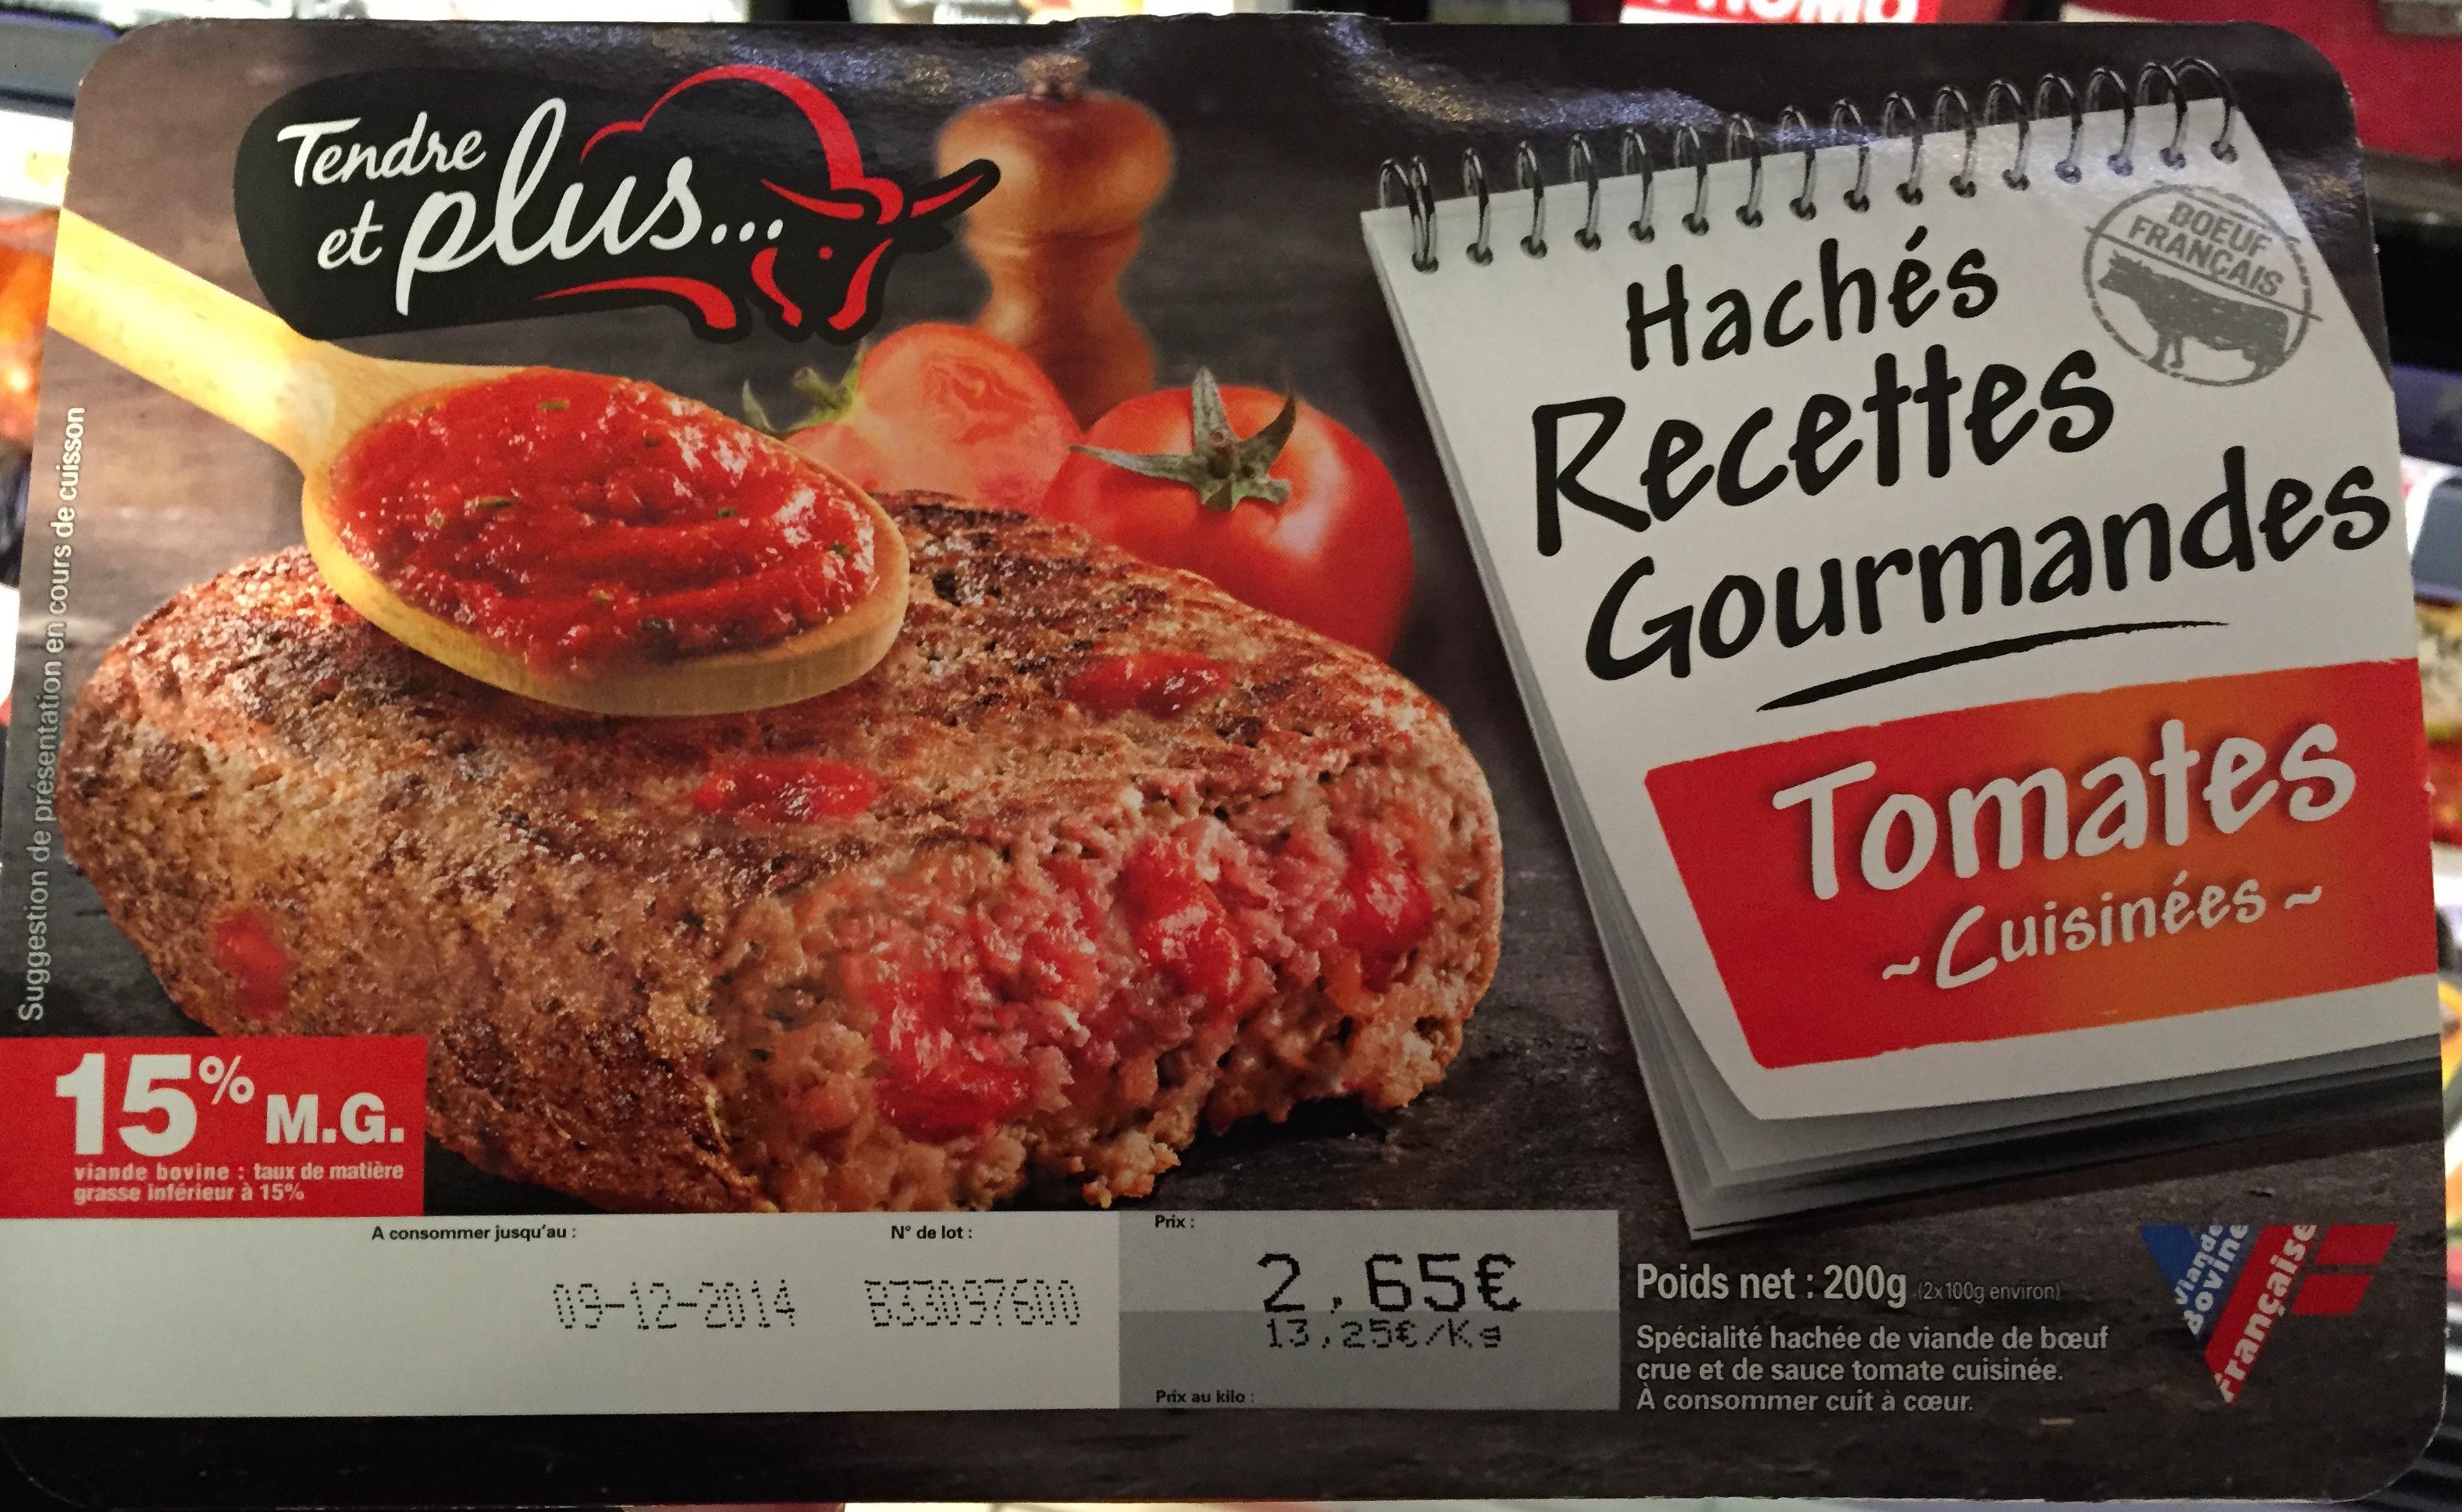 Hachés recettes gourmandes Tomates cuisinées - Product